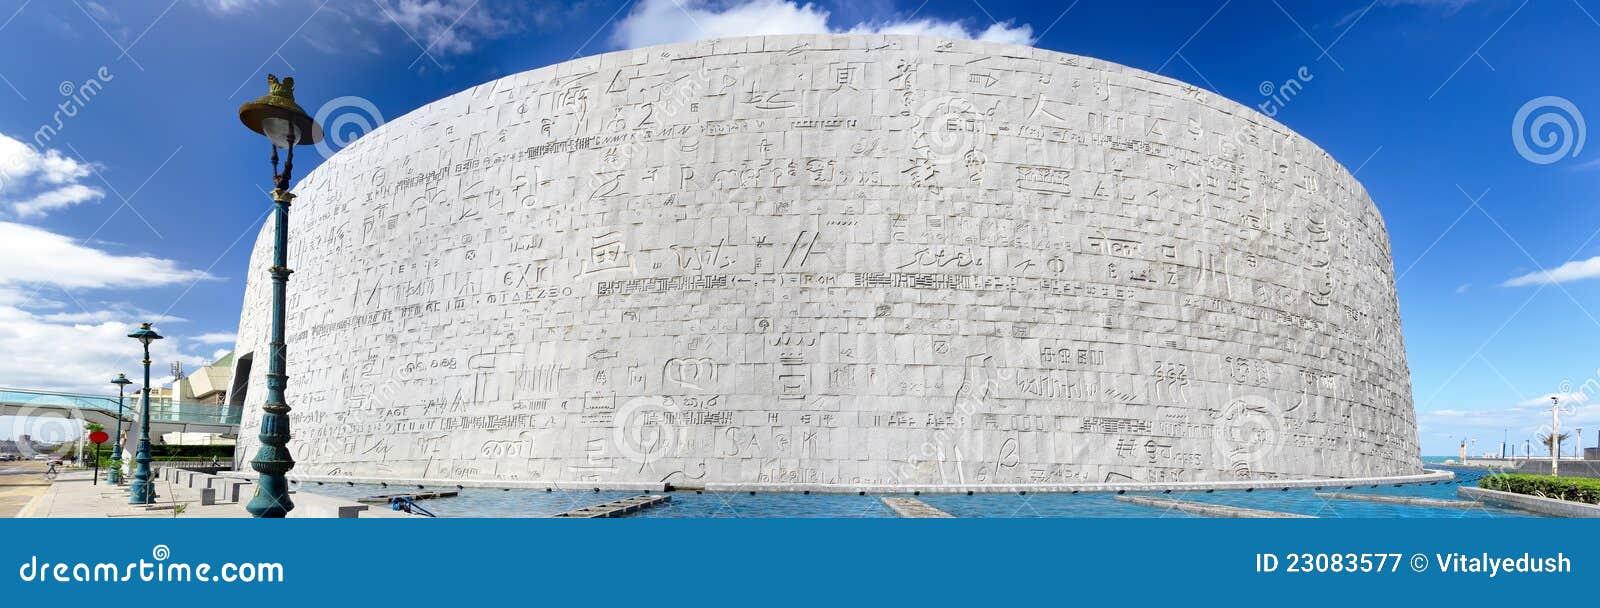 De koninklijke bibliotheek van alexandria panorama stock afbeelding afbeelding 23083577 - Muur bibliotheek ...